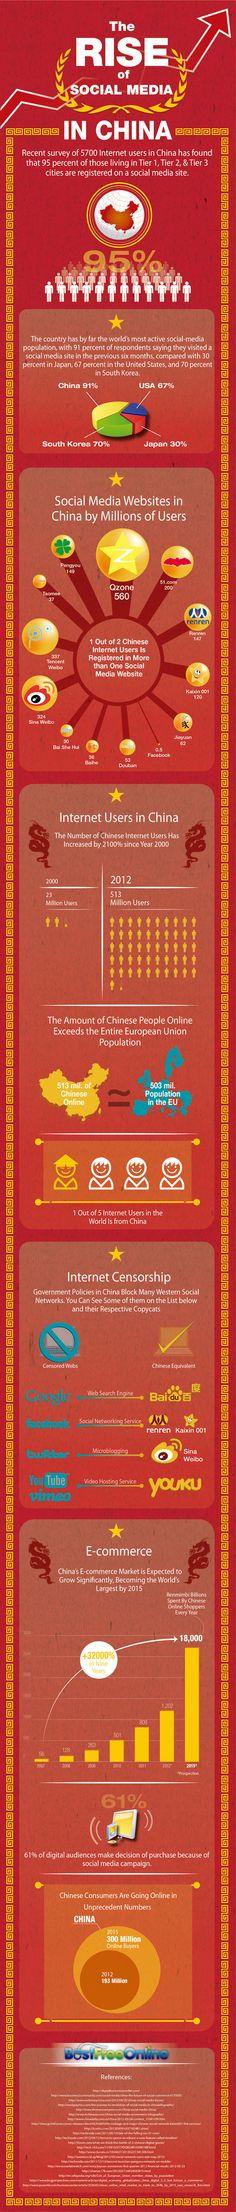 El crecimiento del uso de las redes sociales en China.